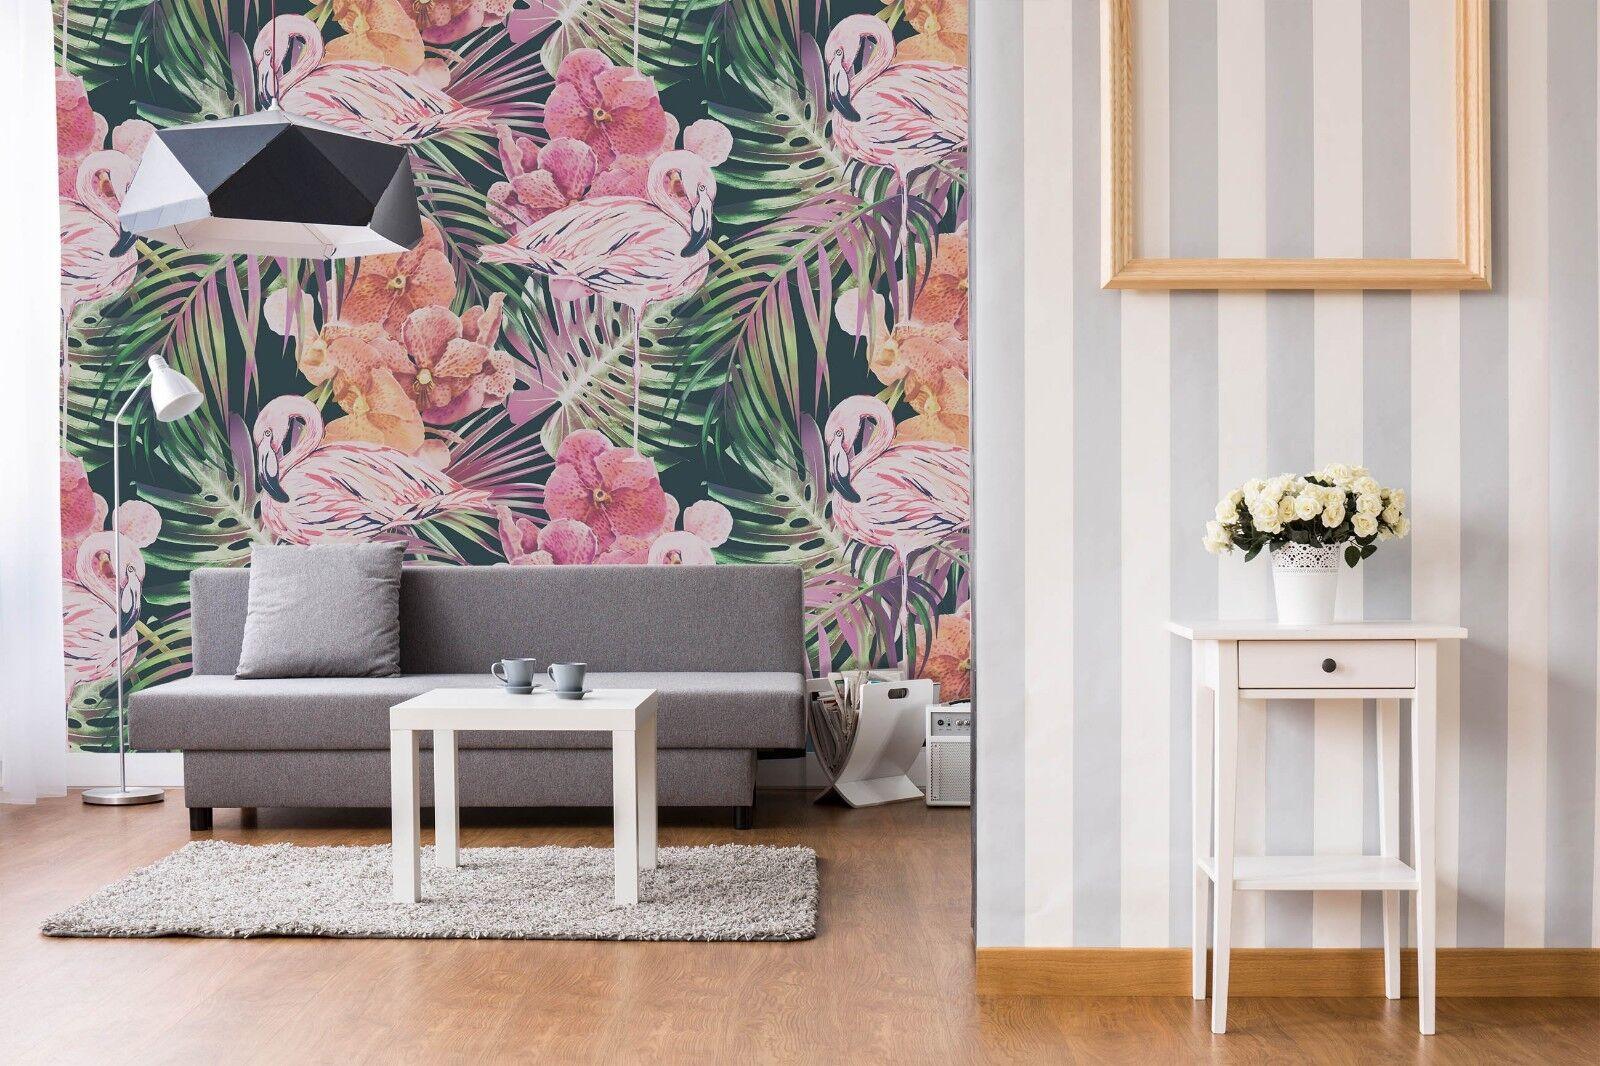 3D Flamingo Flowers 4566 Wallpaper Murals Wall Print Wallpaper Mural AJ WALL UK